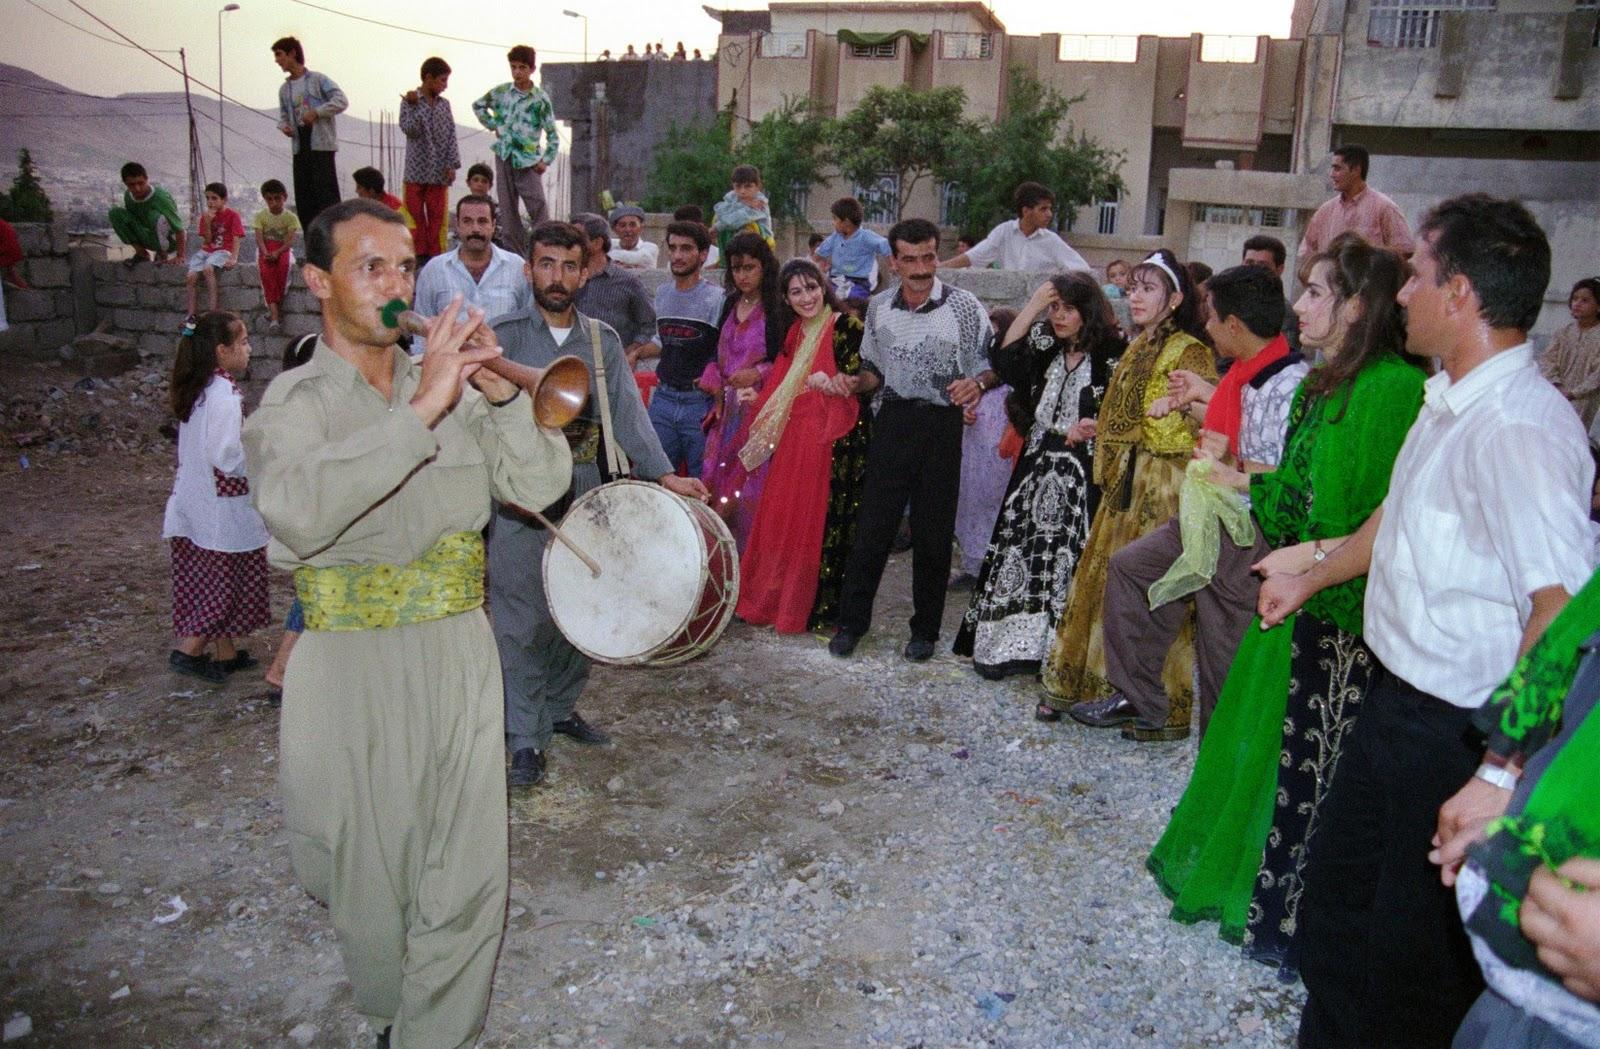 http://1.bp.blogspot.com/-GAgCwRLkaz4/TtAF1I52aUI/AAAAAAAABRM/dVW5ym_mJ6U/s1600/Iraq+1998+Roll+Z+12.JPG